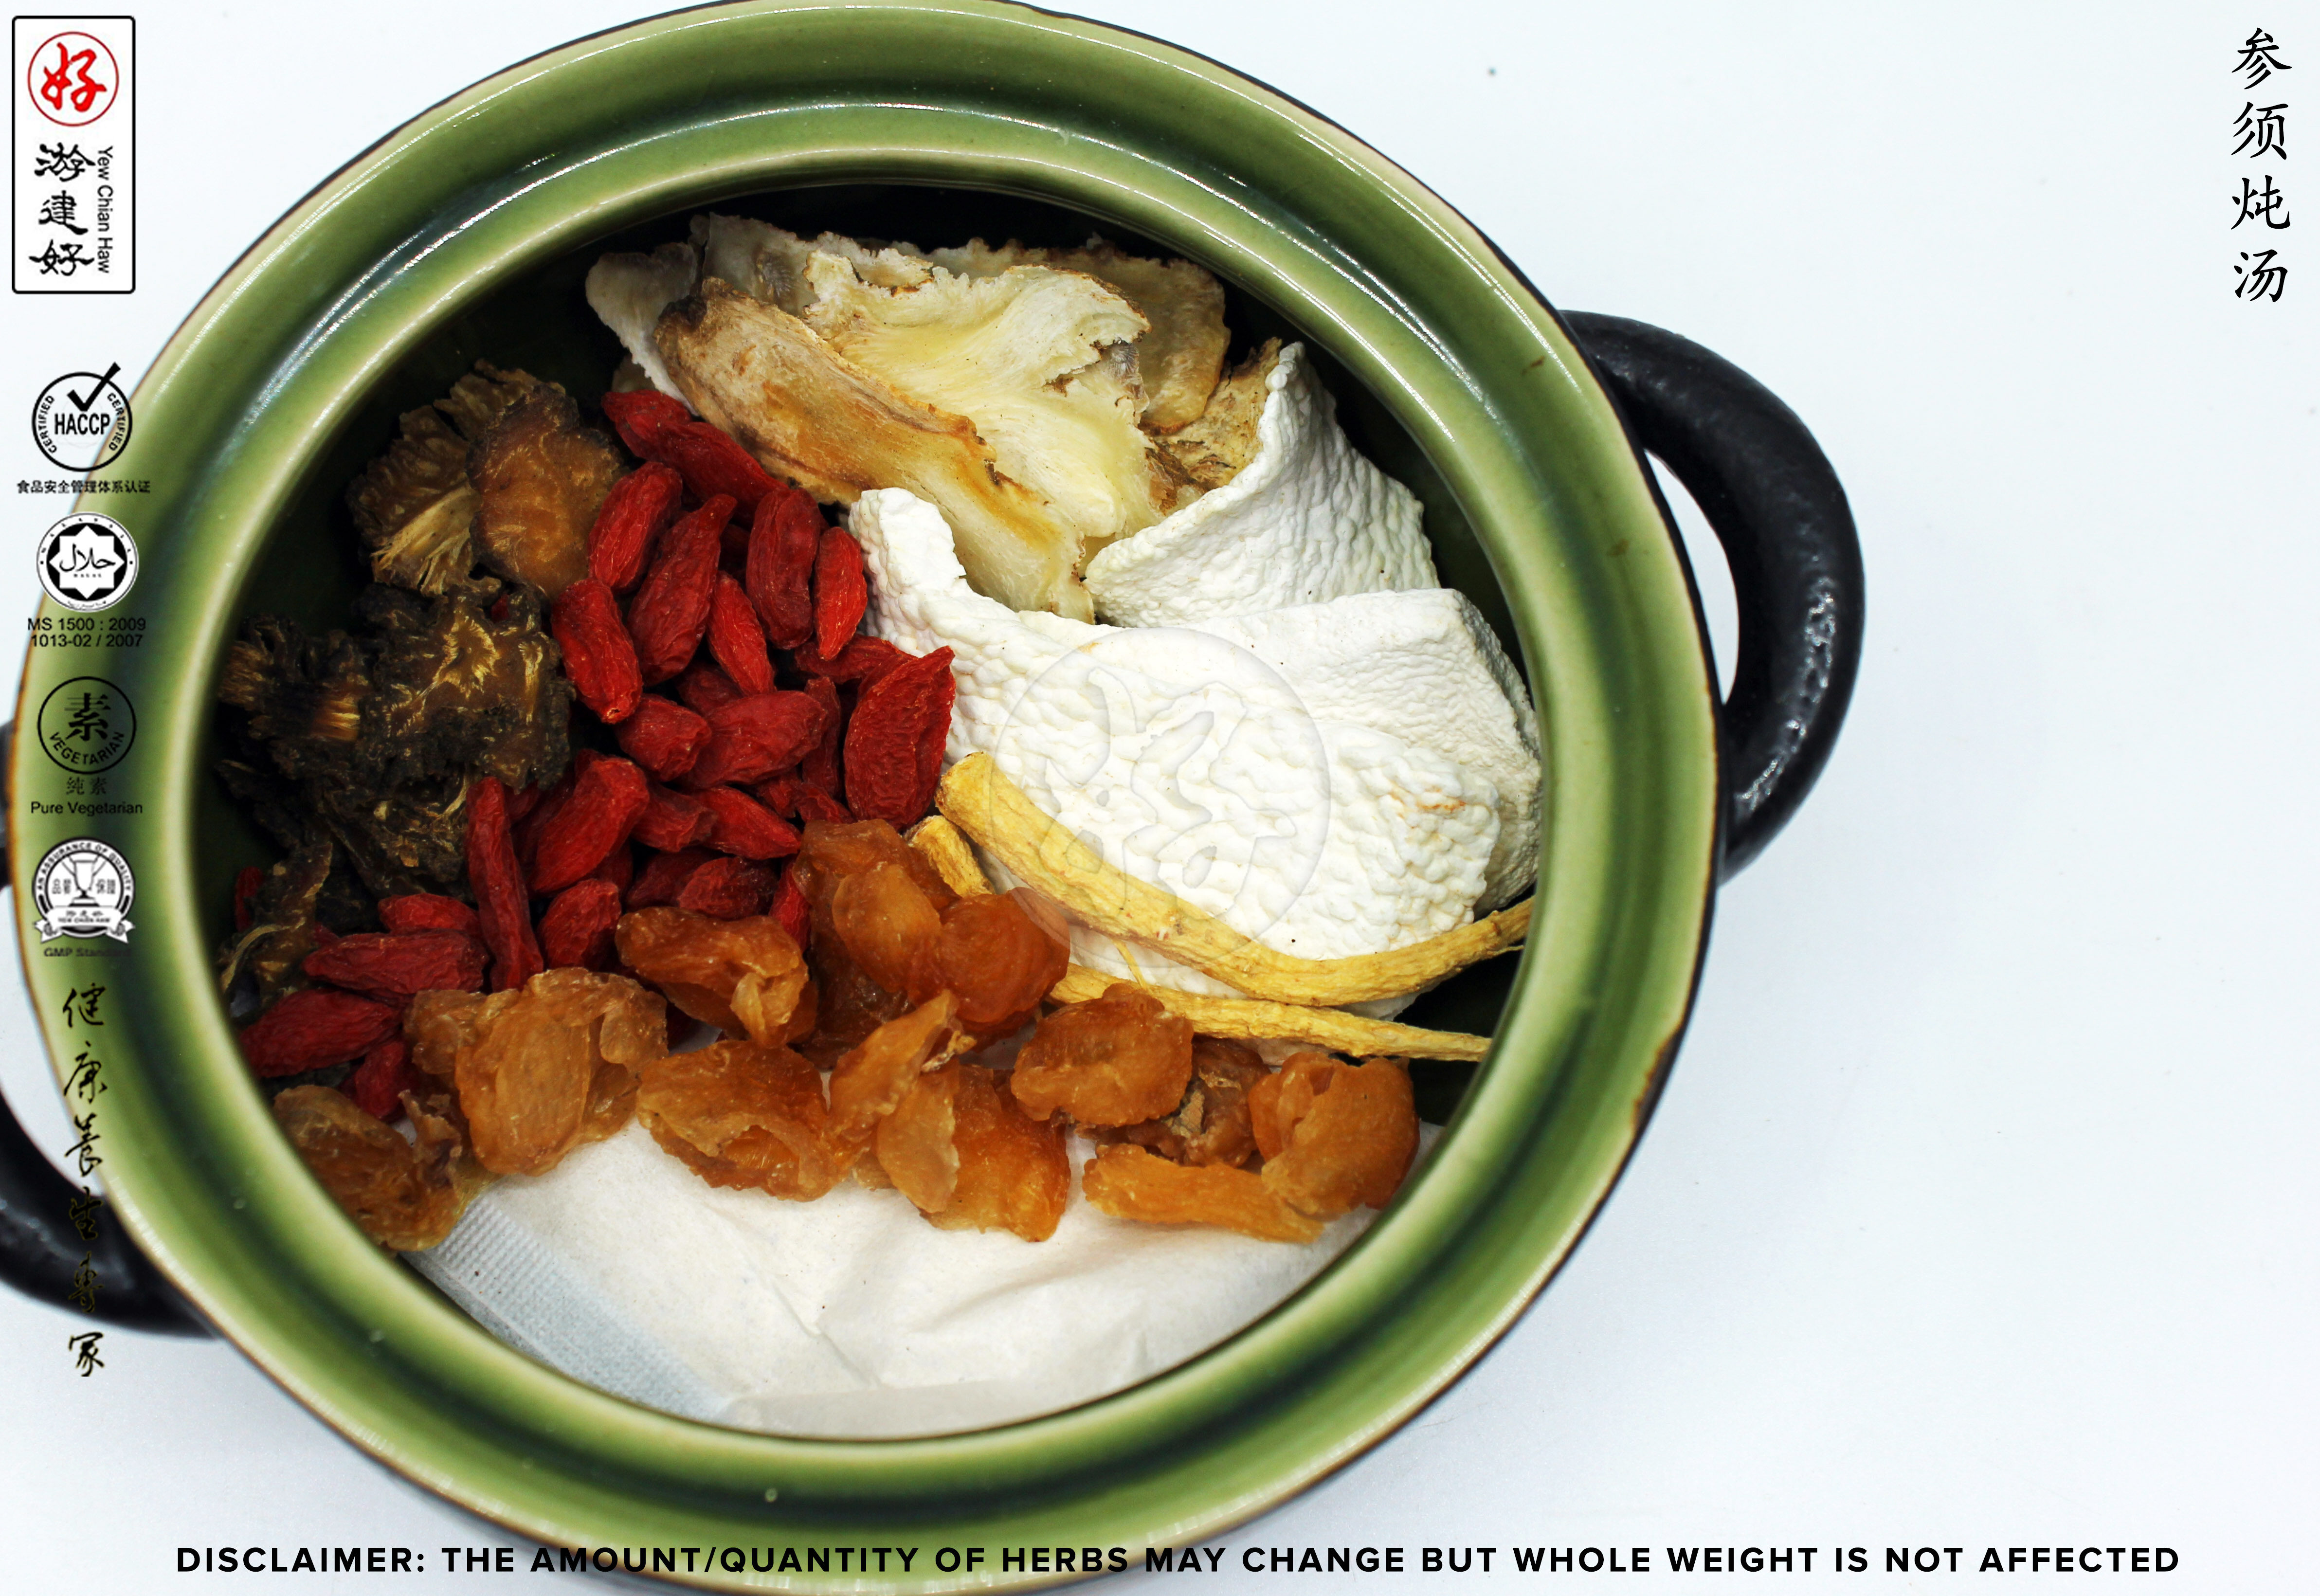 YCH Shen Xu Tun Tang Chicken Herbal Soup 60g (2 years shelf life) herbs pack